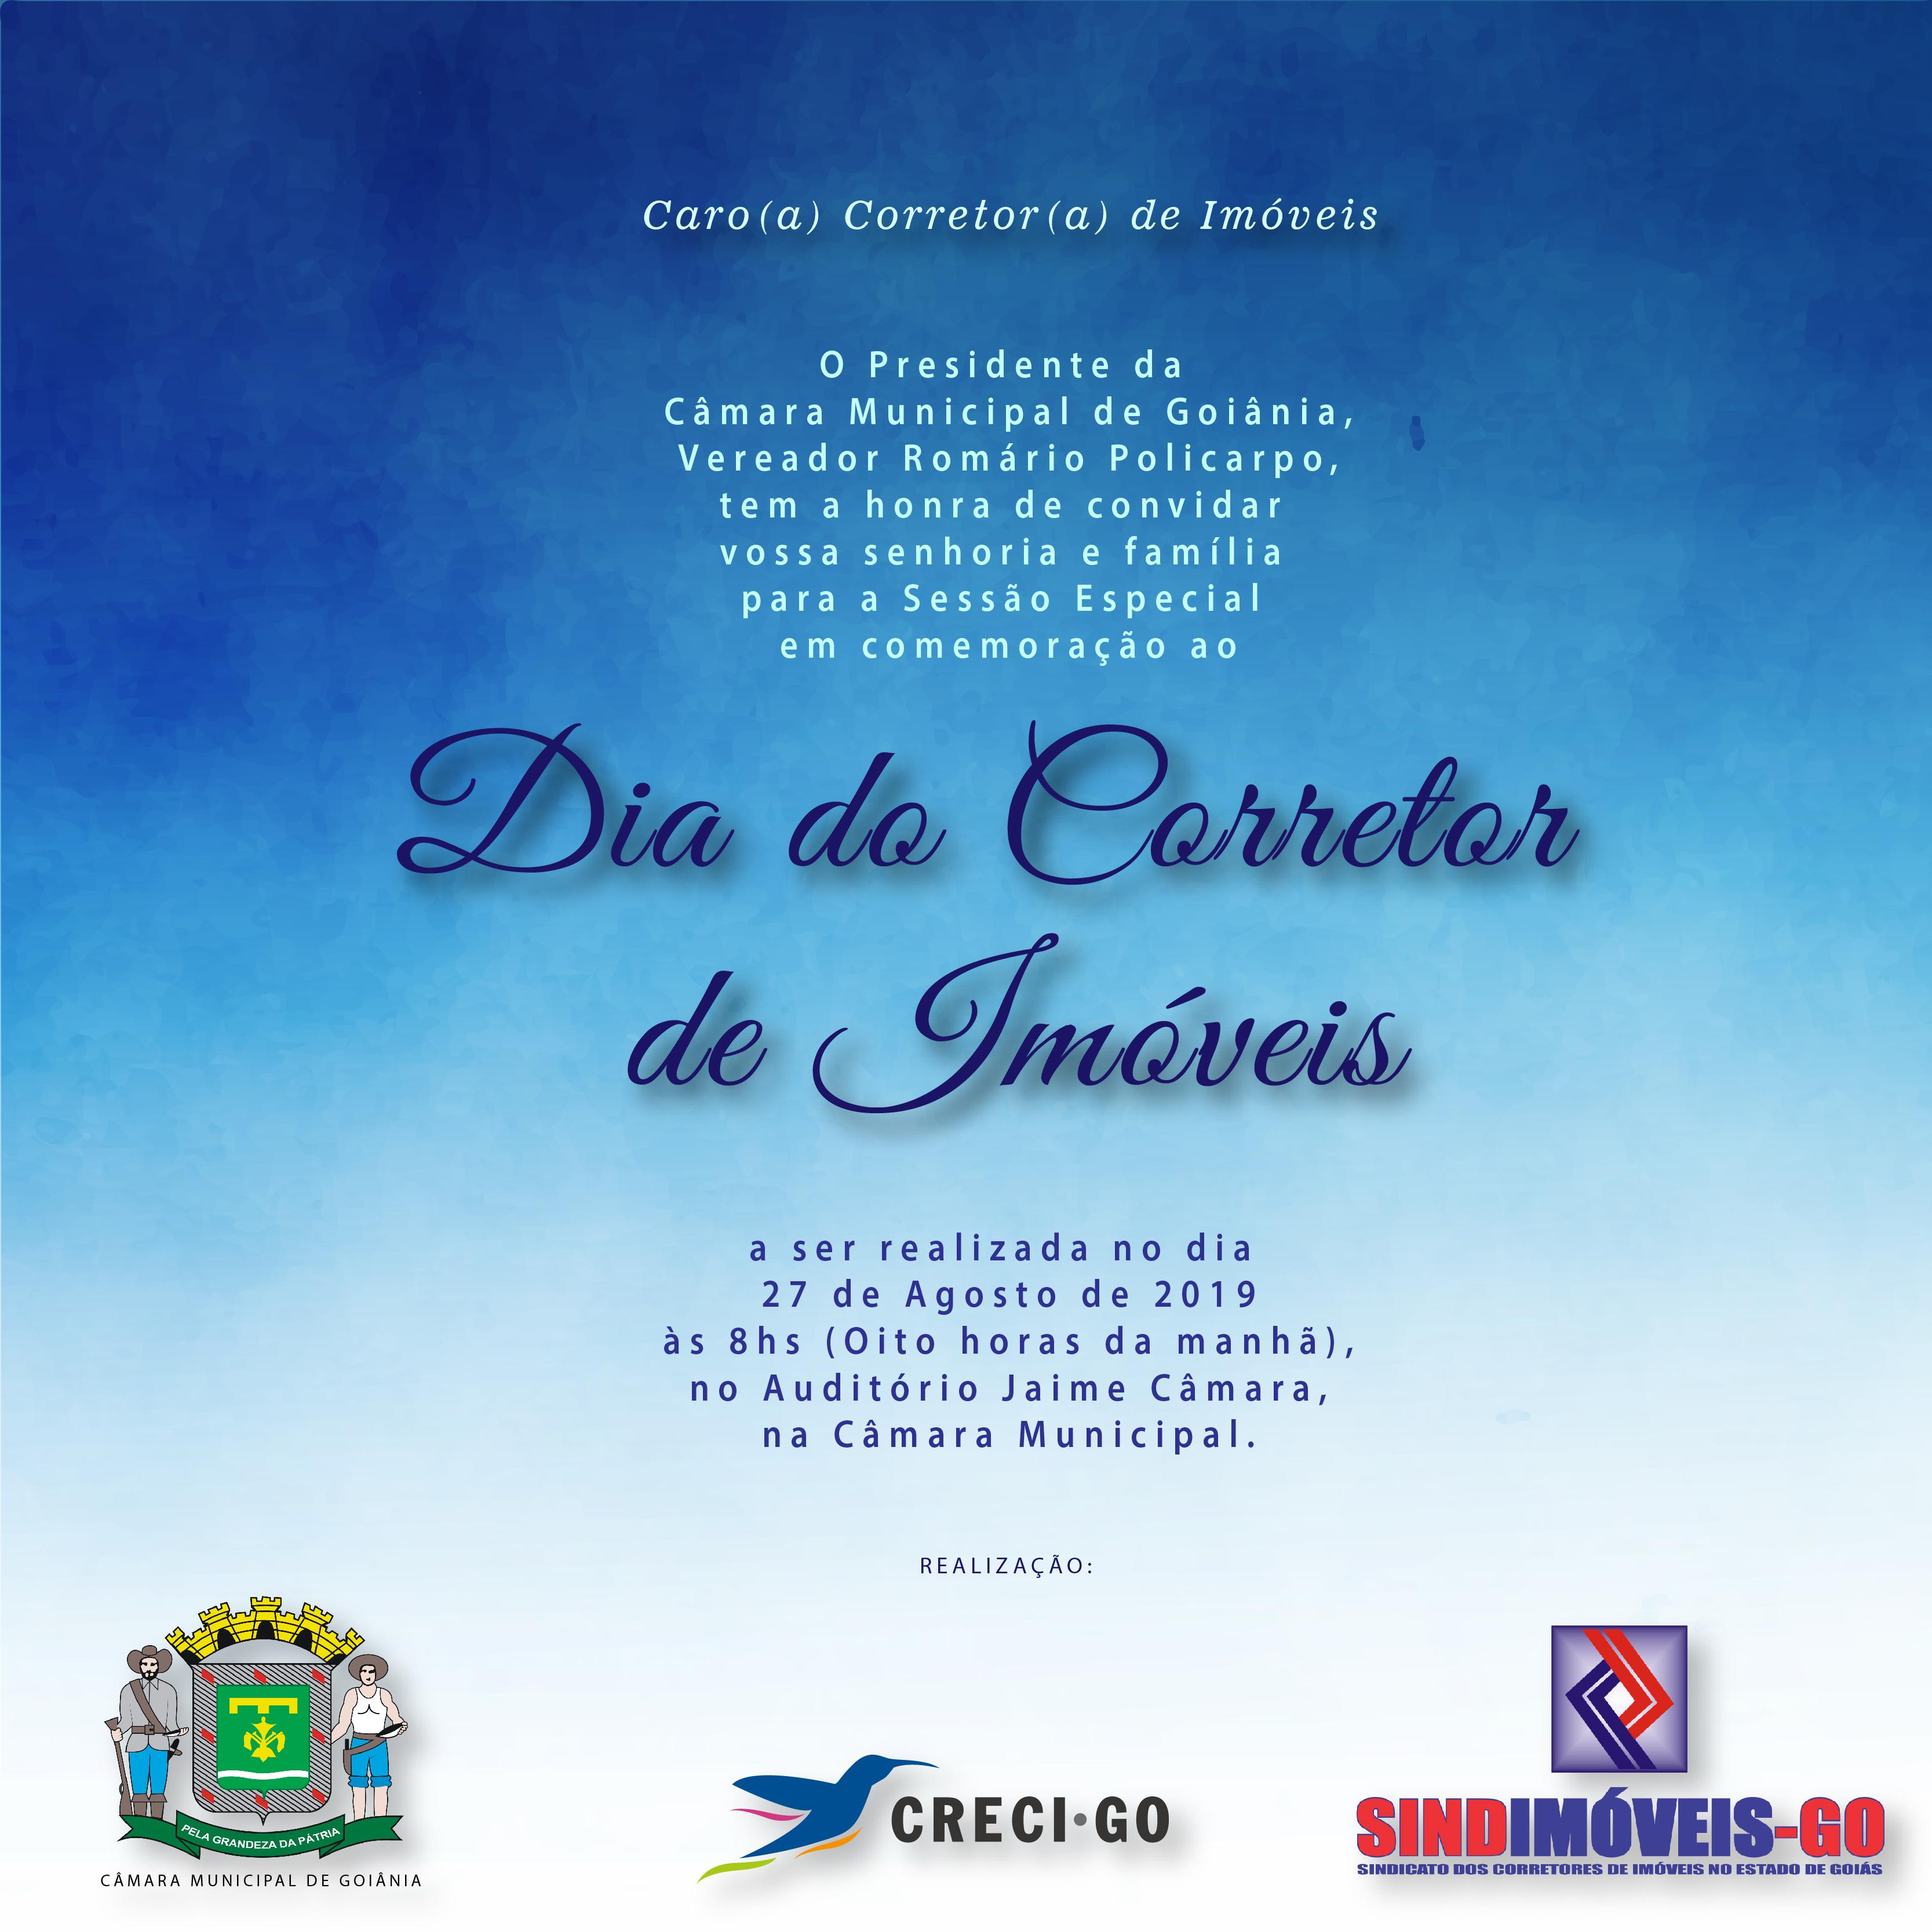 Câmara Municipal de Goiânia promove homenagem à categoria | CRECI-GO/ Conselho Regional de Corretores de Imóveis de Goiás